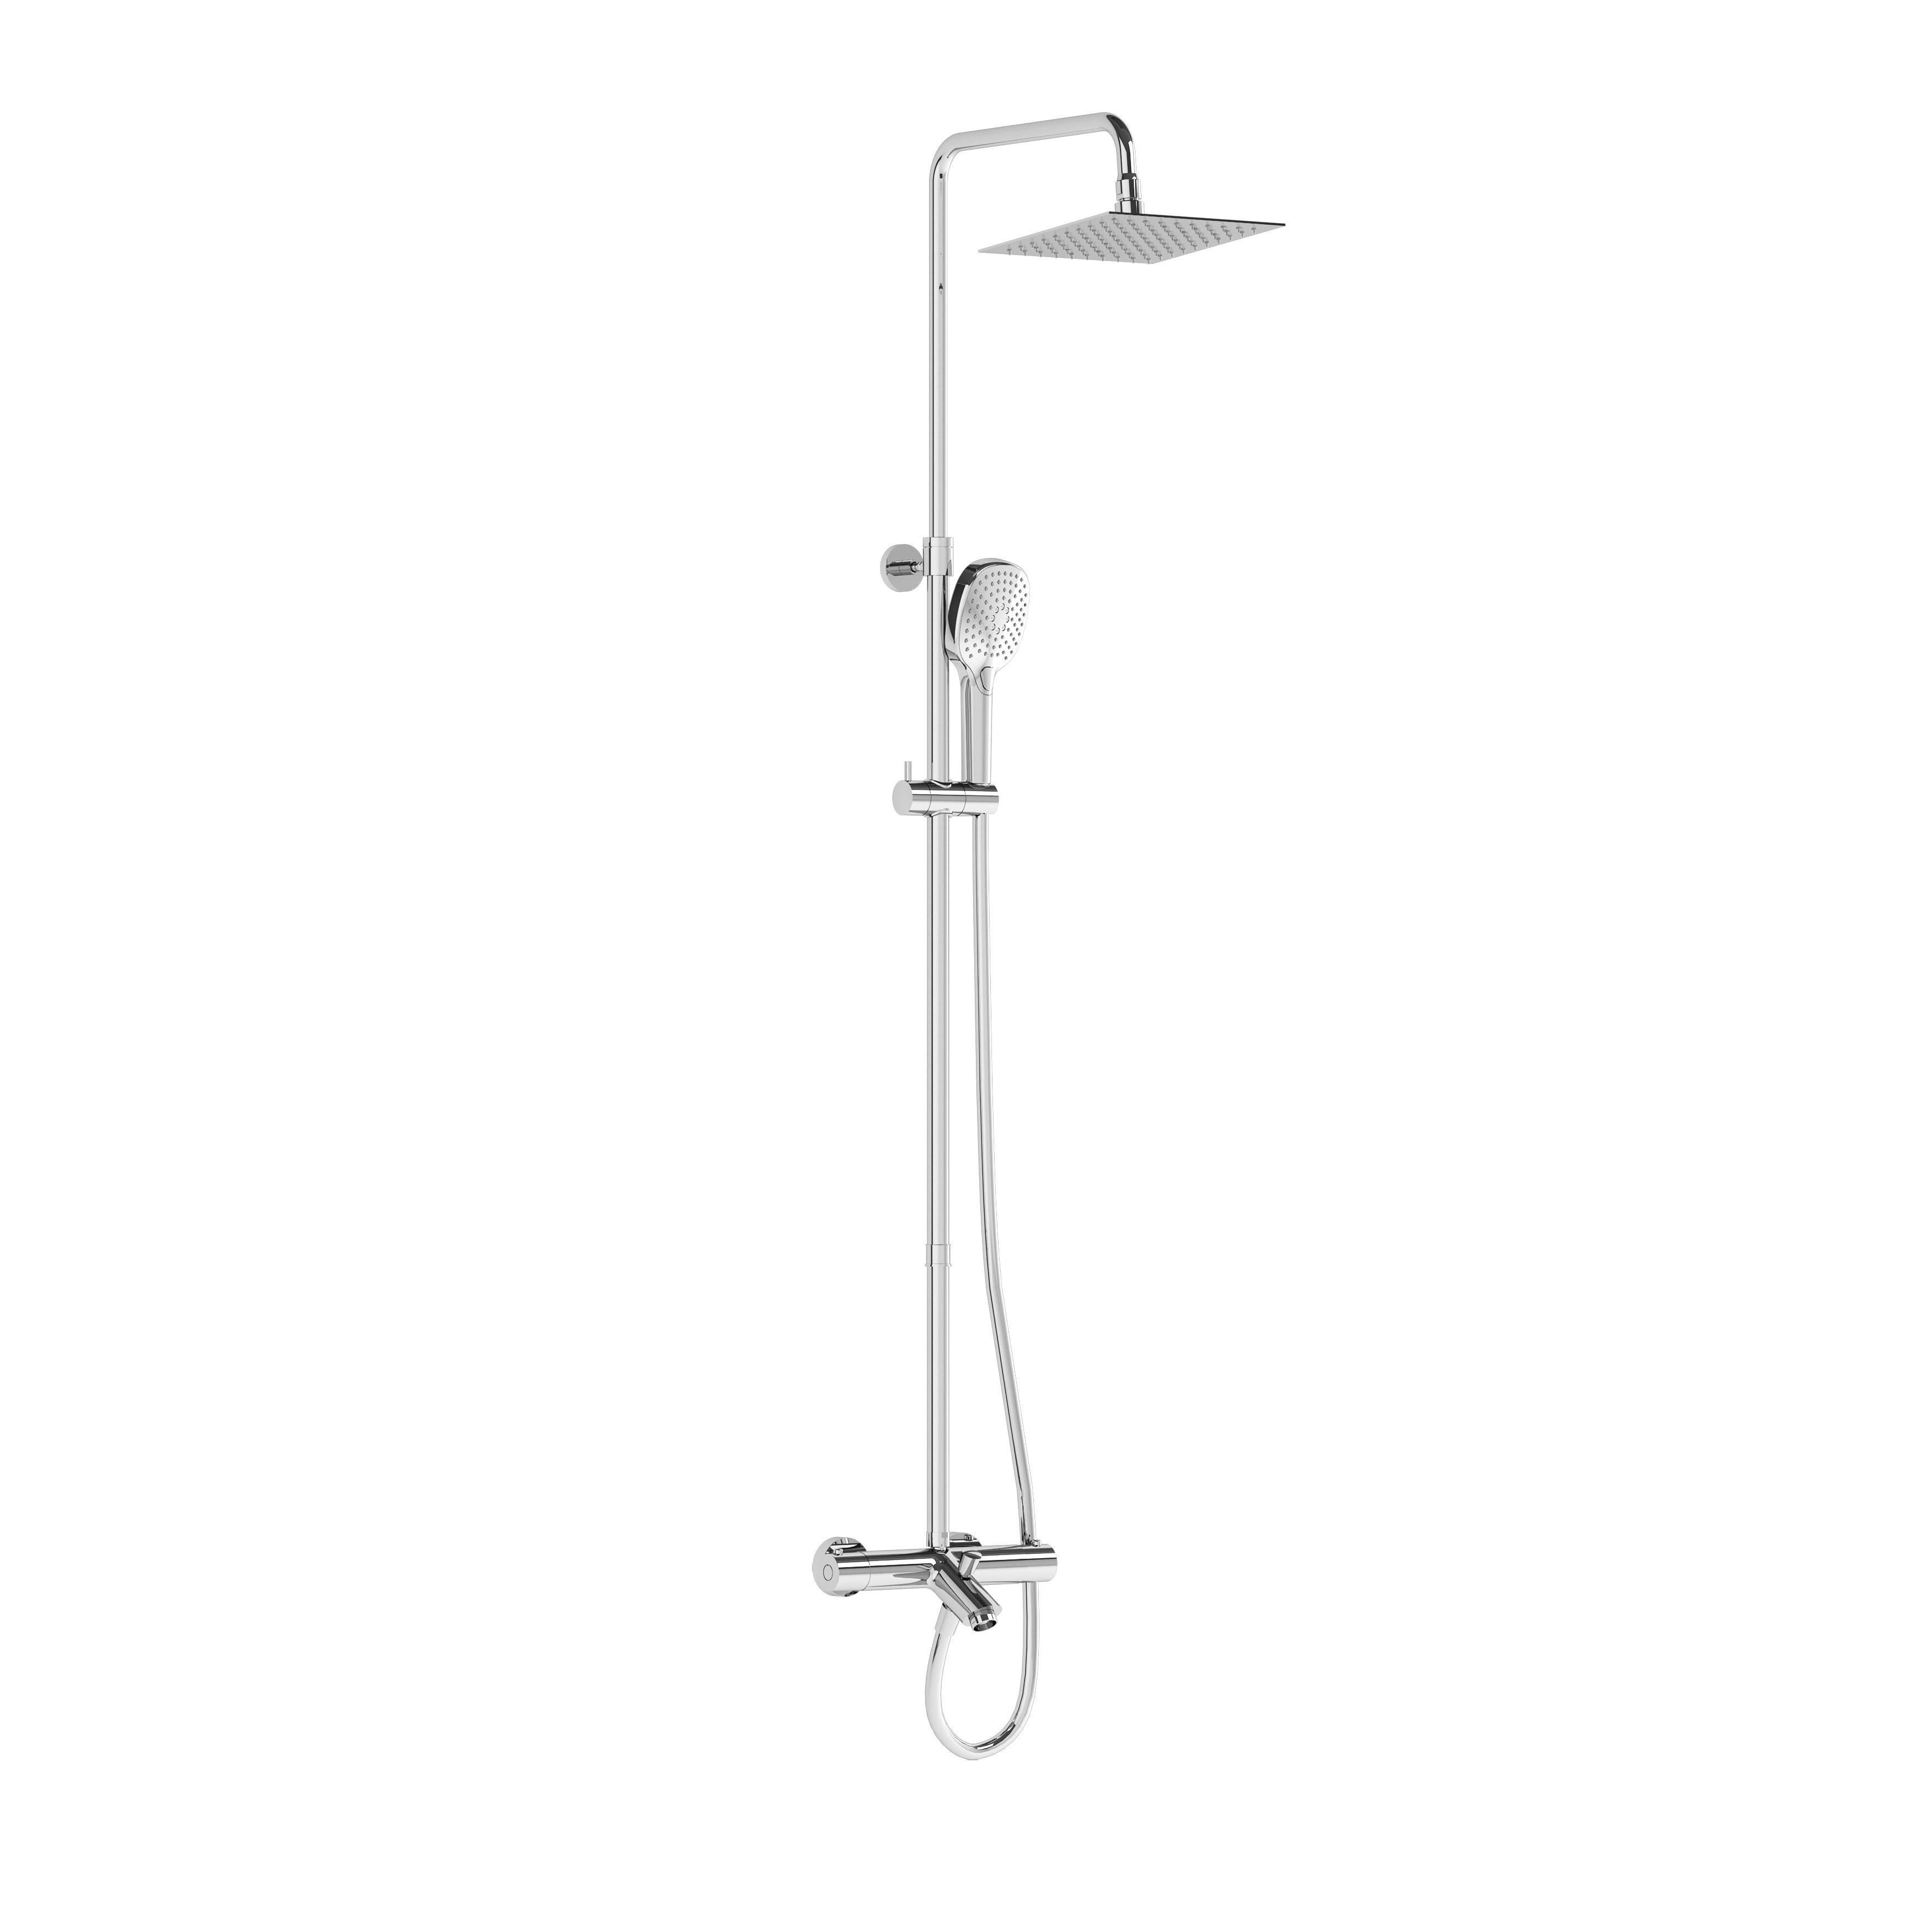 Aquaheat Bliss S 230 B, colonne avec mitigeur thermostatique bain / douche